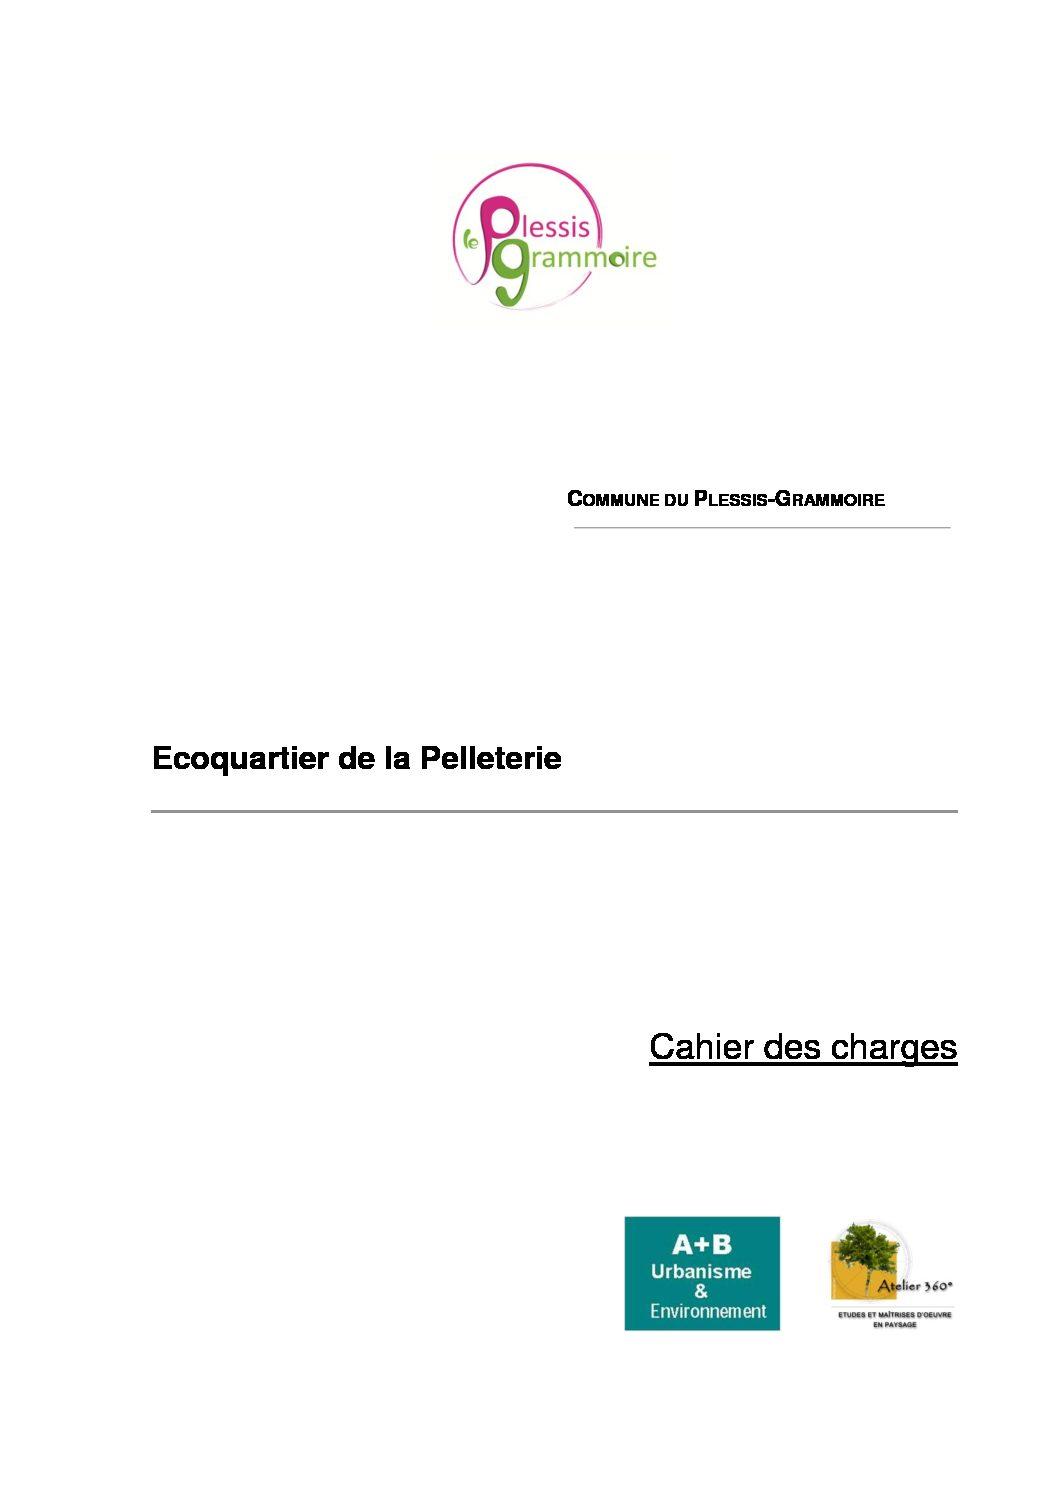 ECOQUARTIER_CC_cession_lots